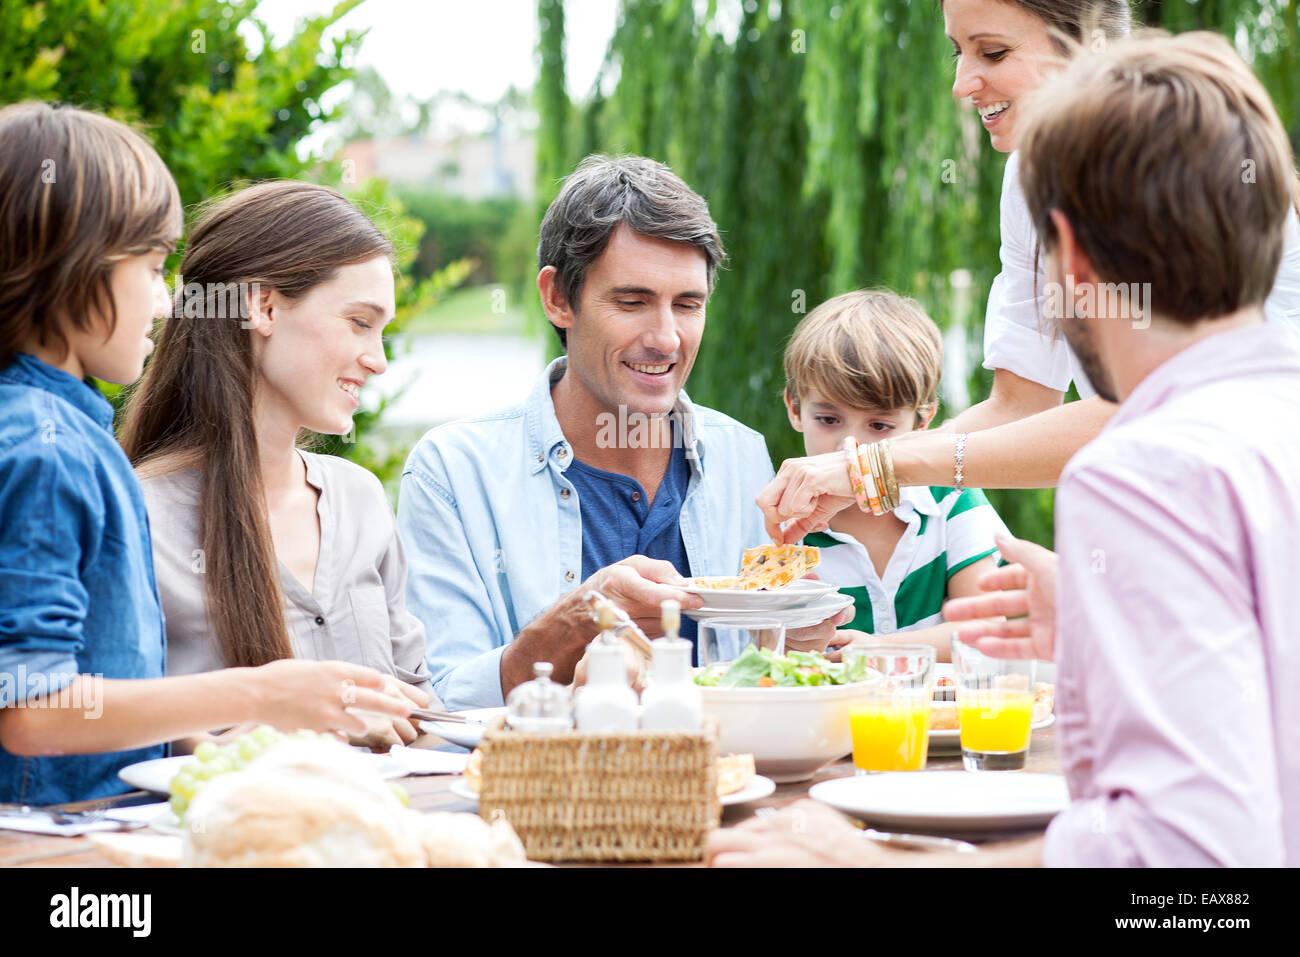 Familie zusammen Essen bei Outdoor-Treffen Stockbild